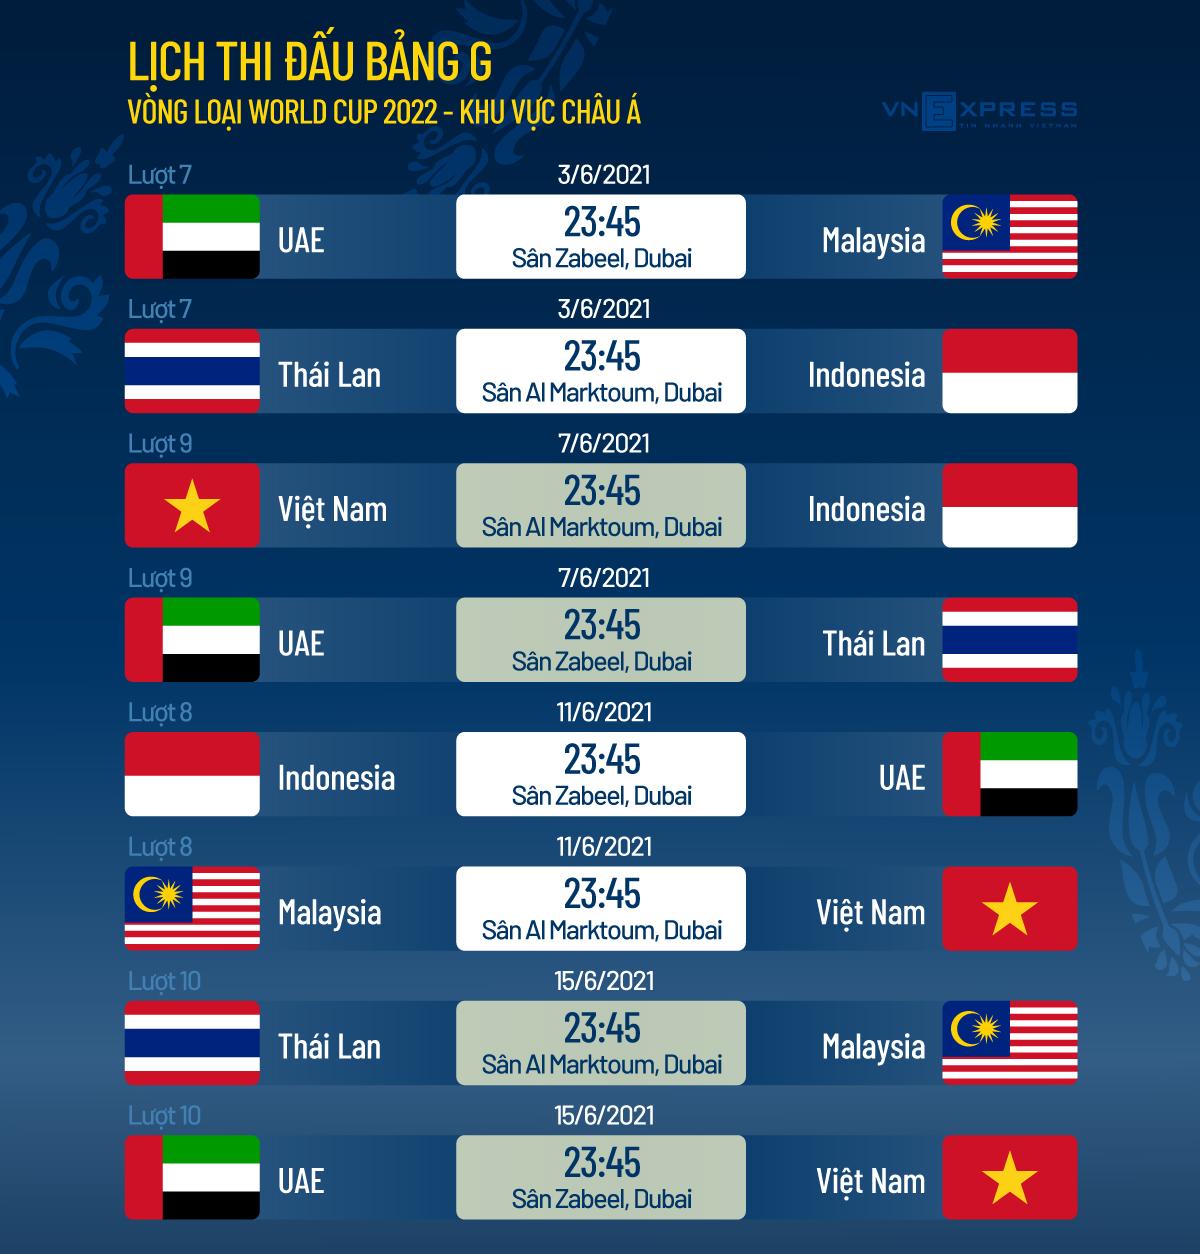 Malaysia lại thua trước vòng loại World Cup - 1